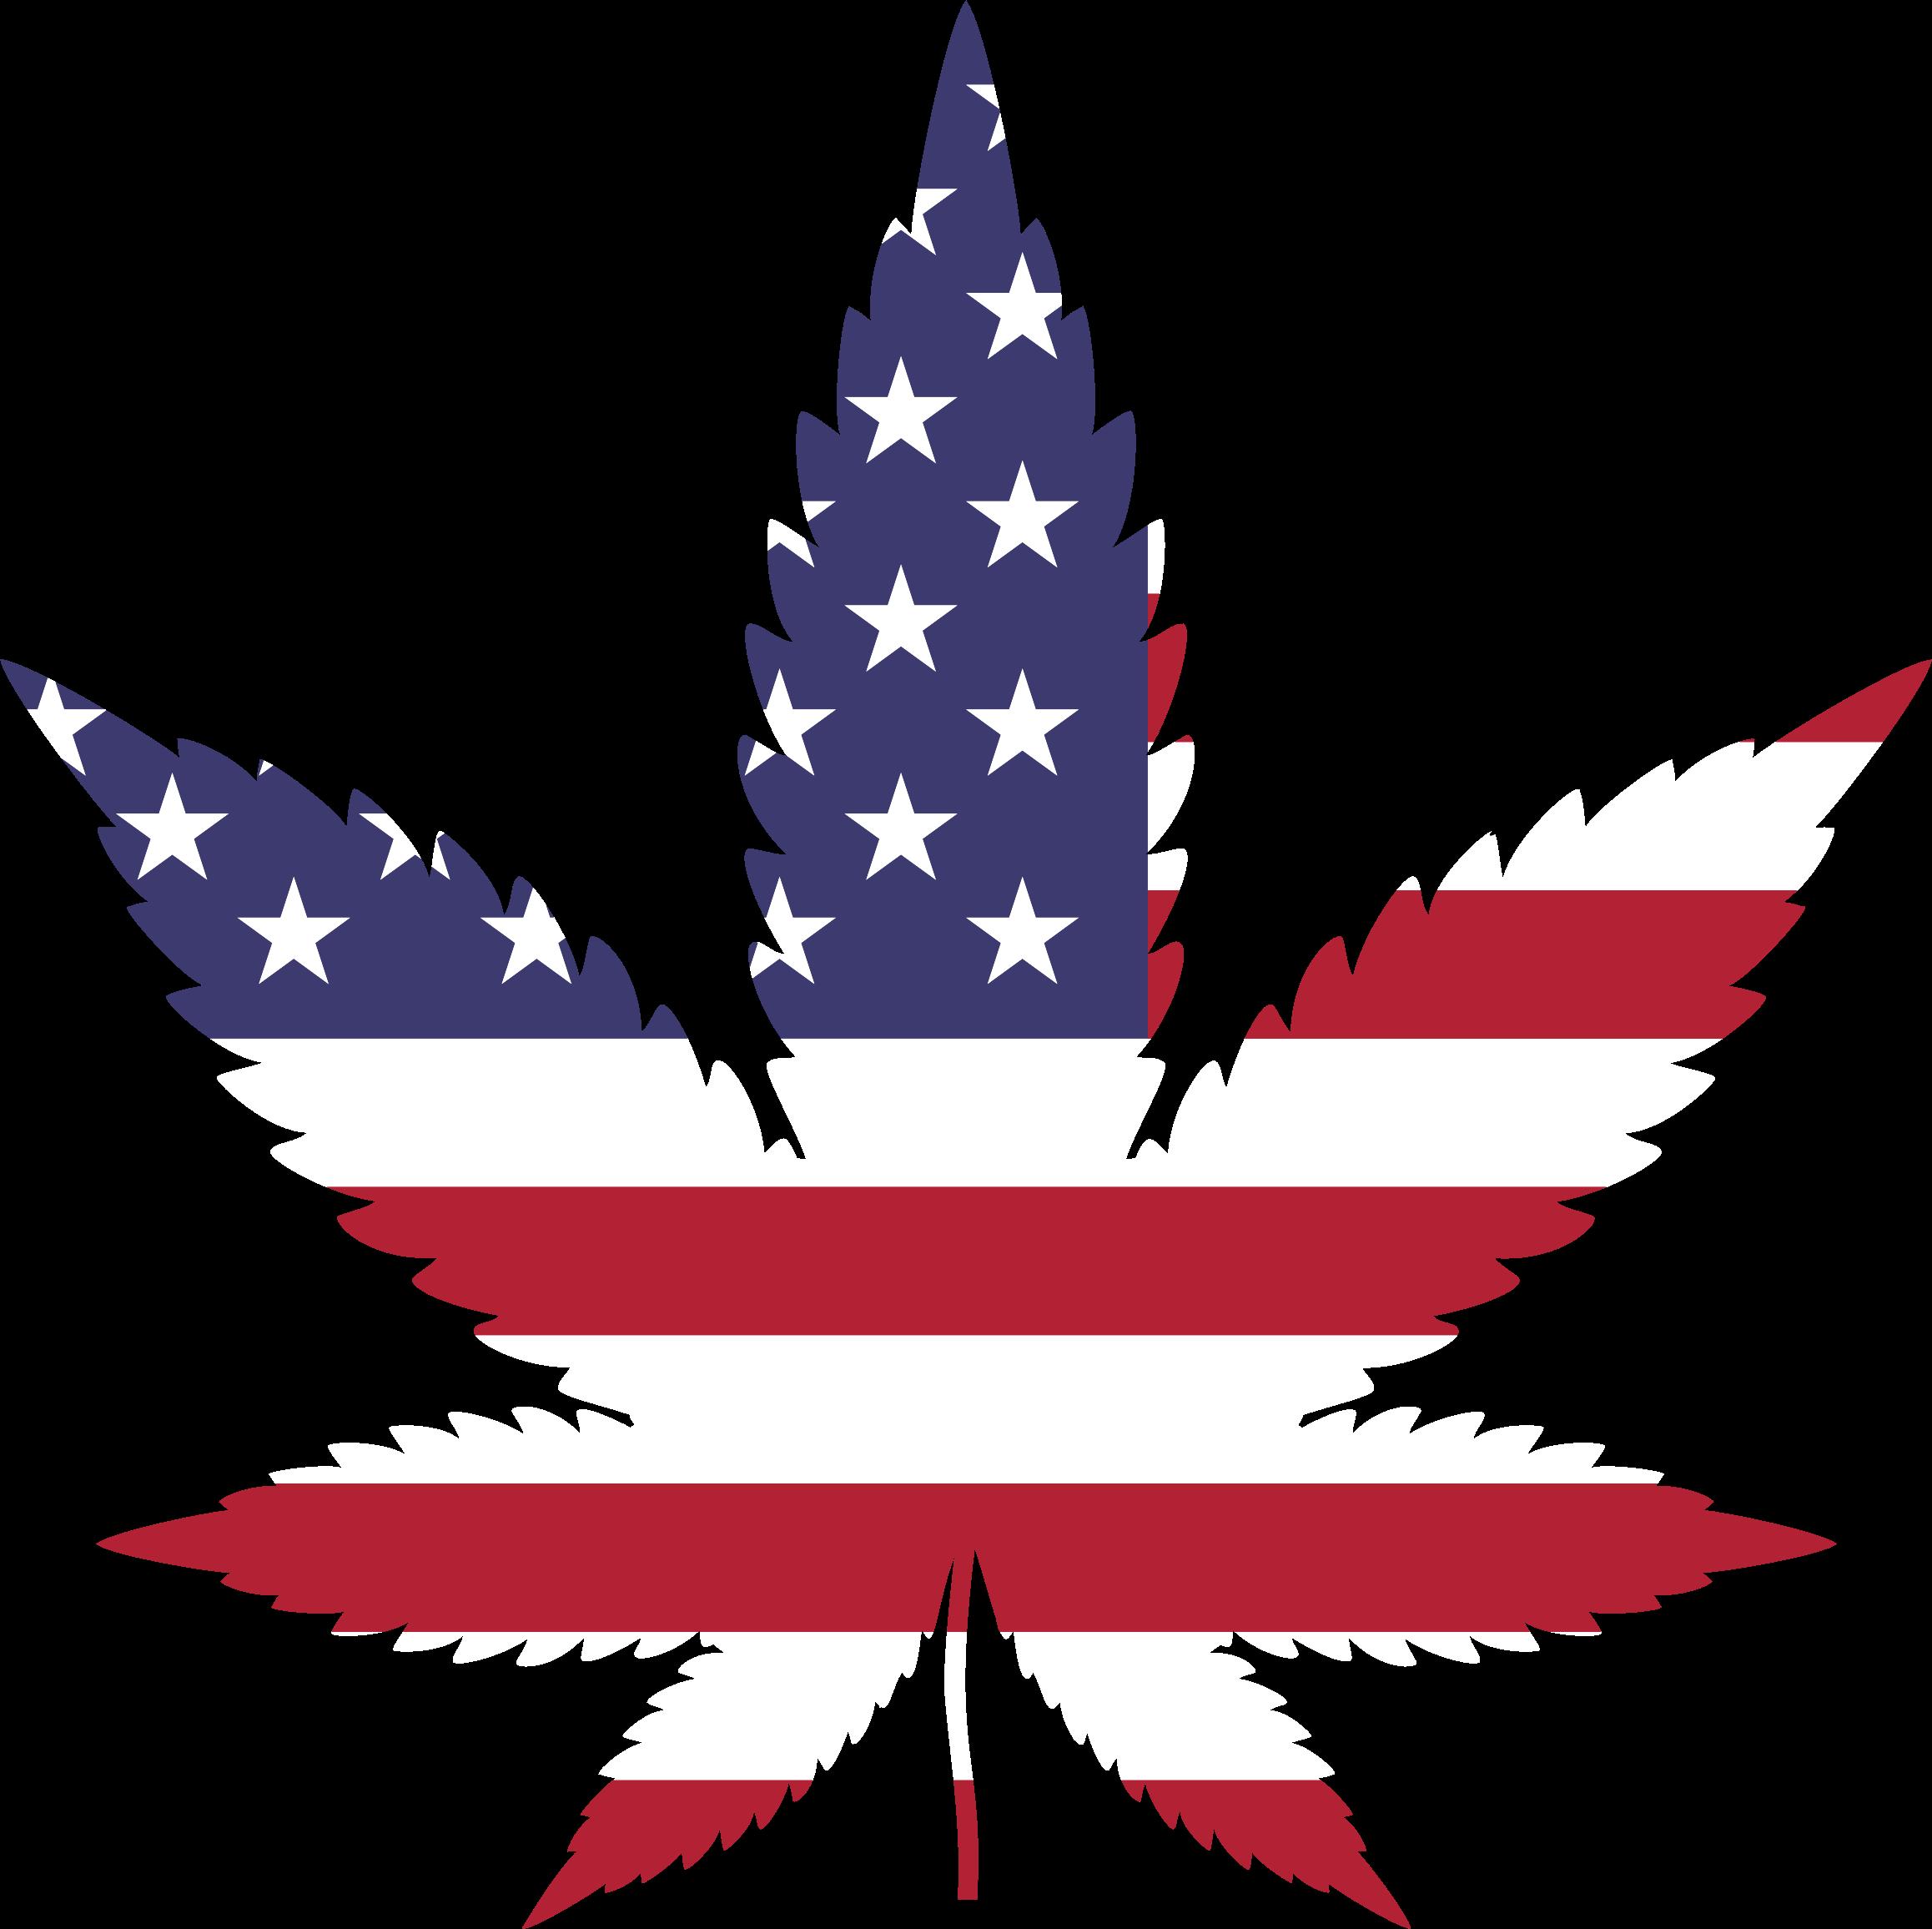 American flag icons png. Marijuana clipart clip art